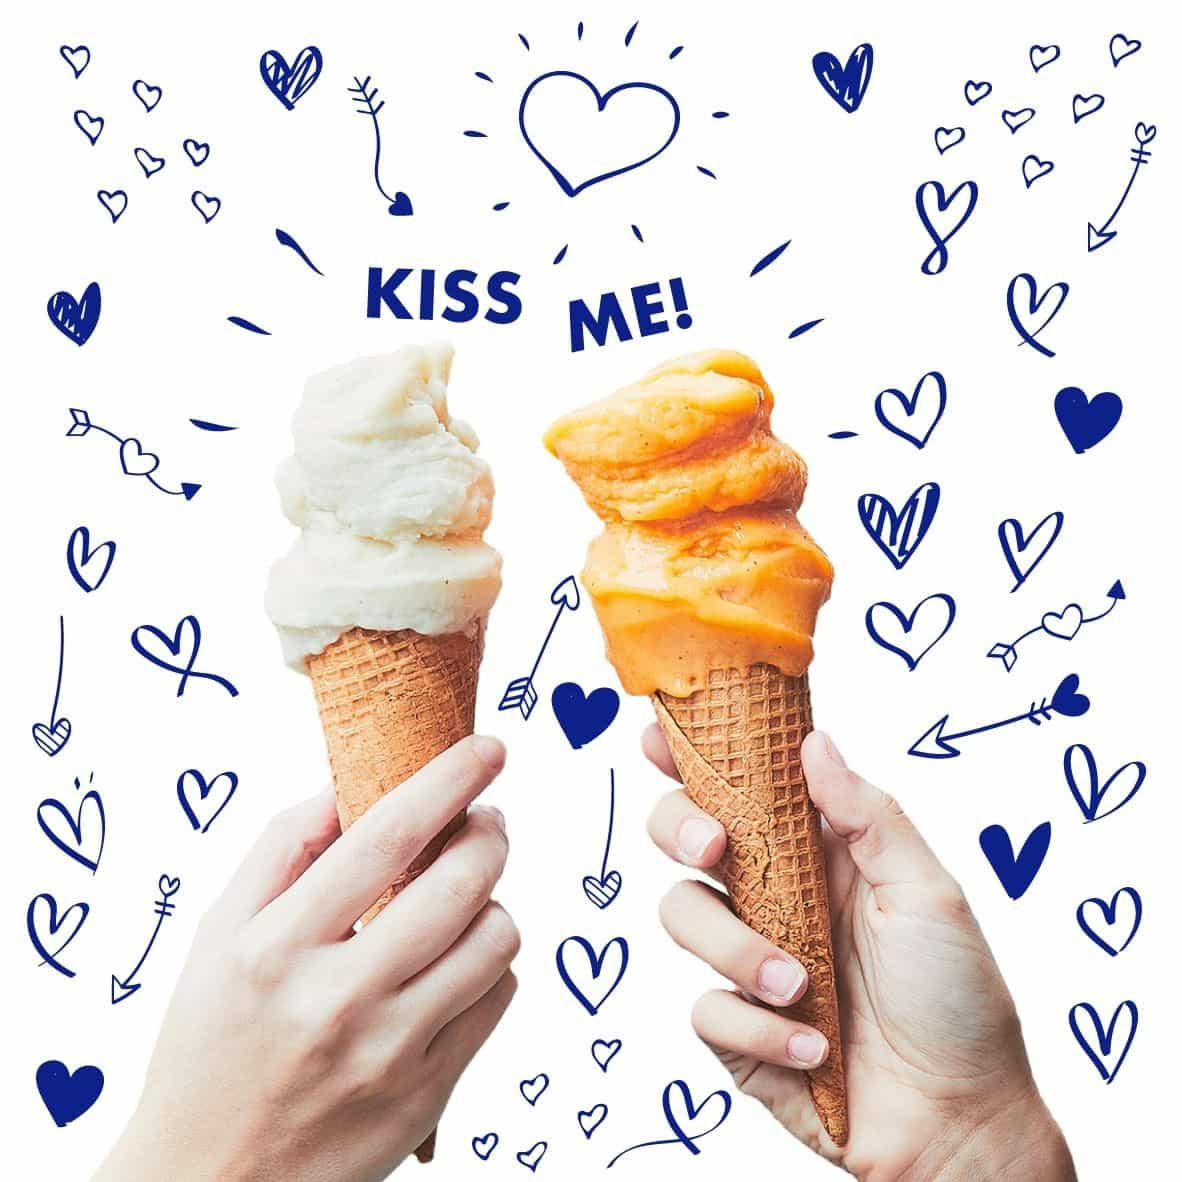 GROM celebra Dia dos Namorados com gelado em troca de beijo